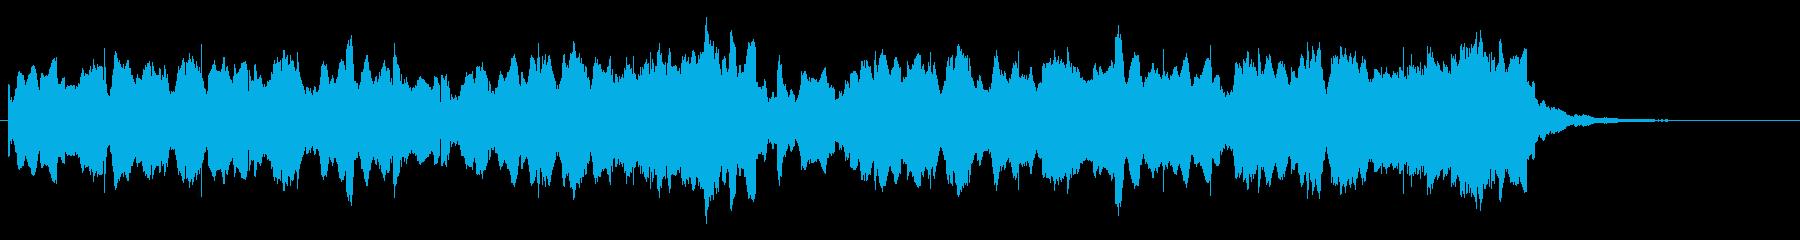 ビブラフォンが印象的な優しいジングル2の再生済みの波形